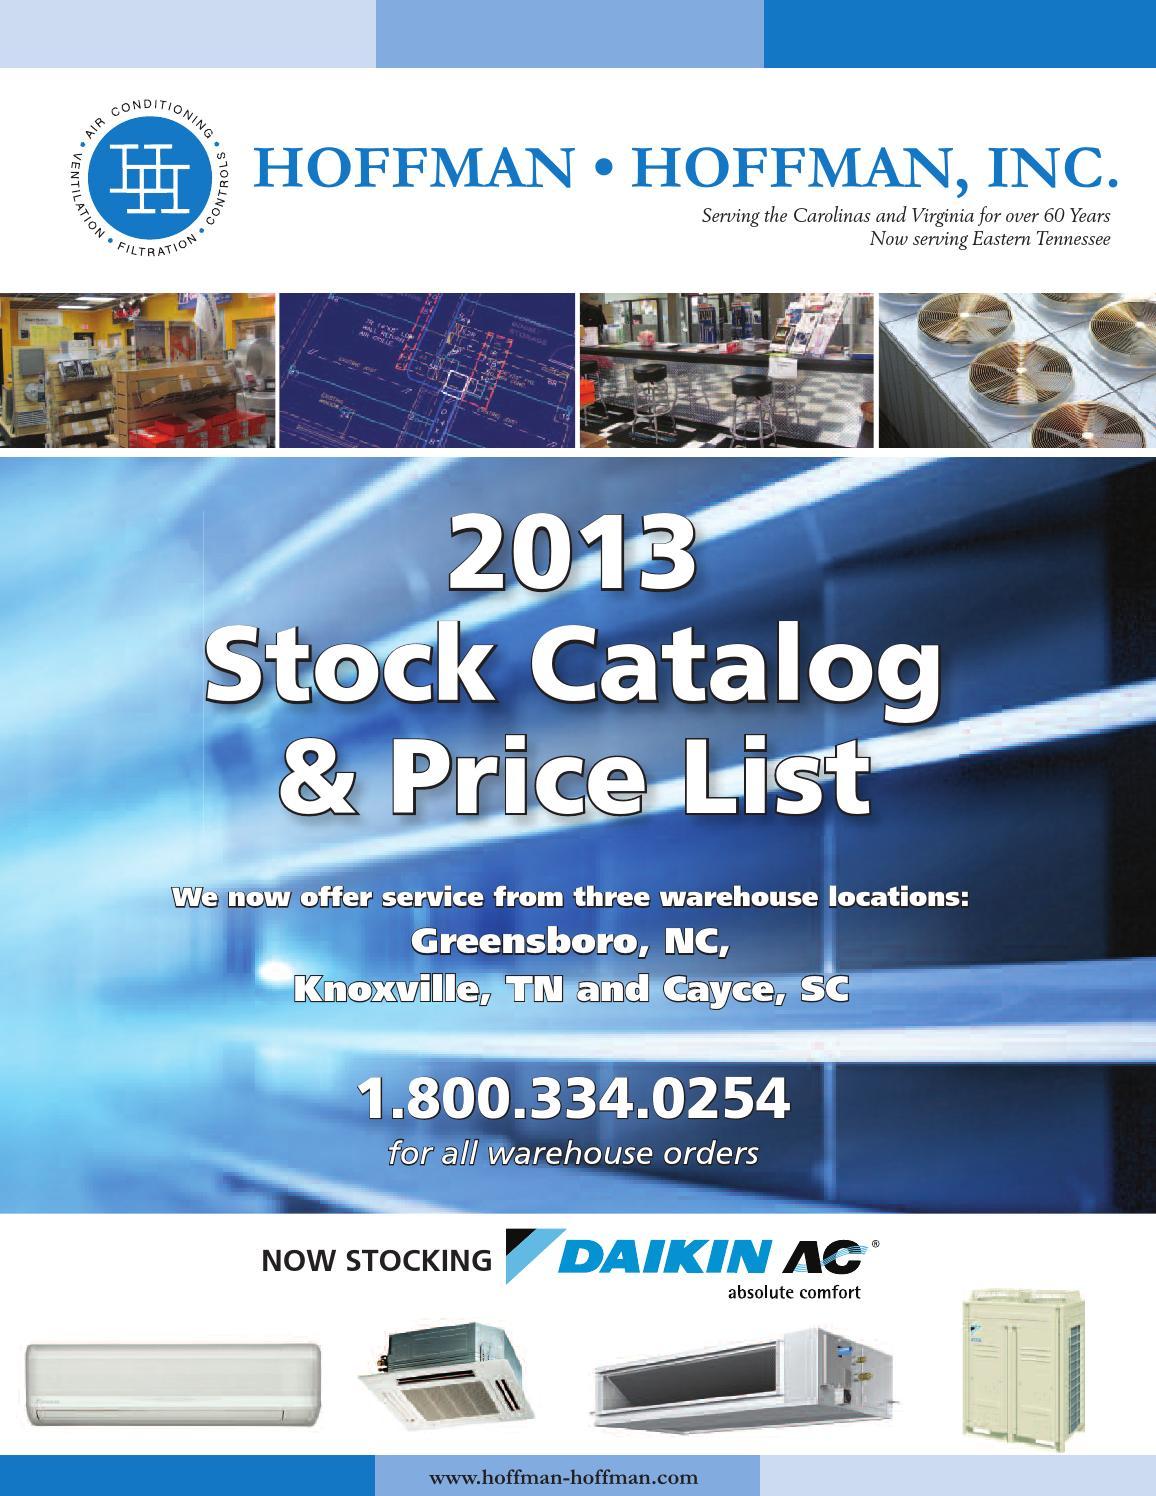 Hoffman-Hoffman 2013 Stock Catalog and Pricelist by Hoffman-Hoffman